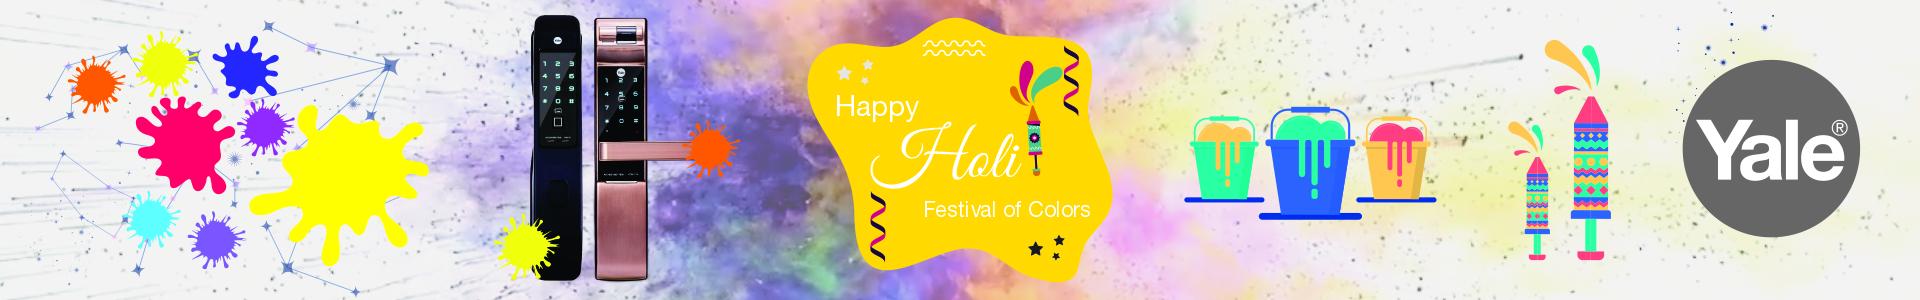 Holi Banner